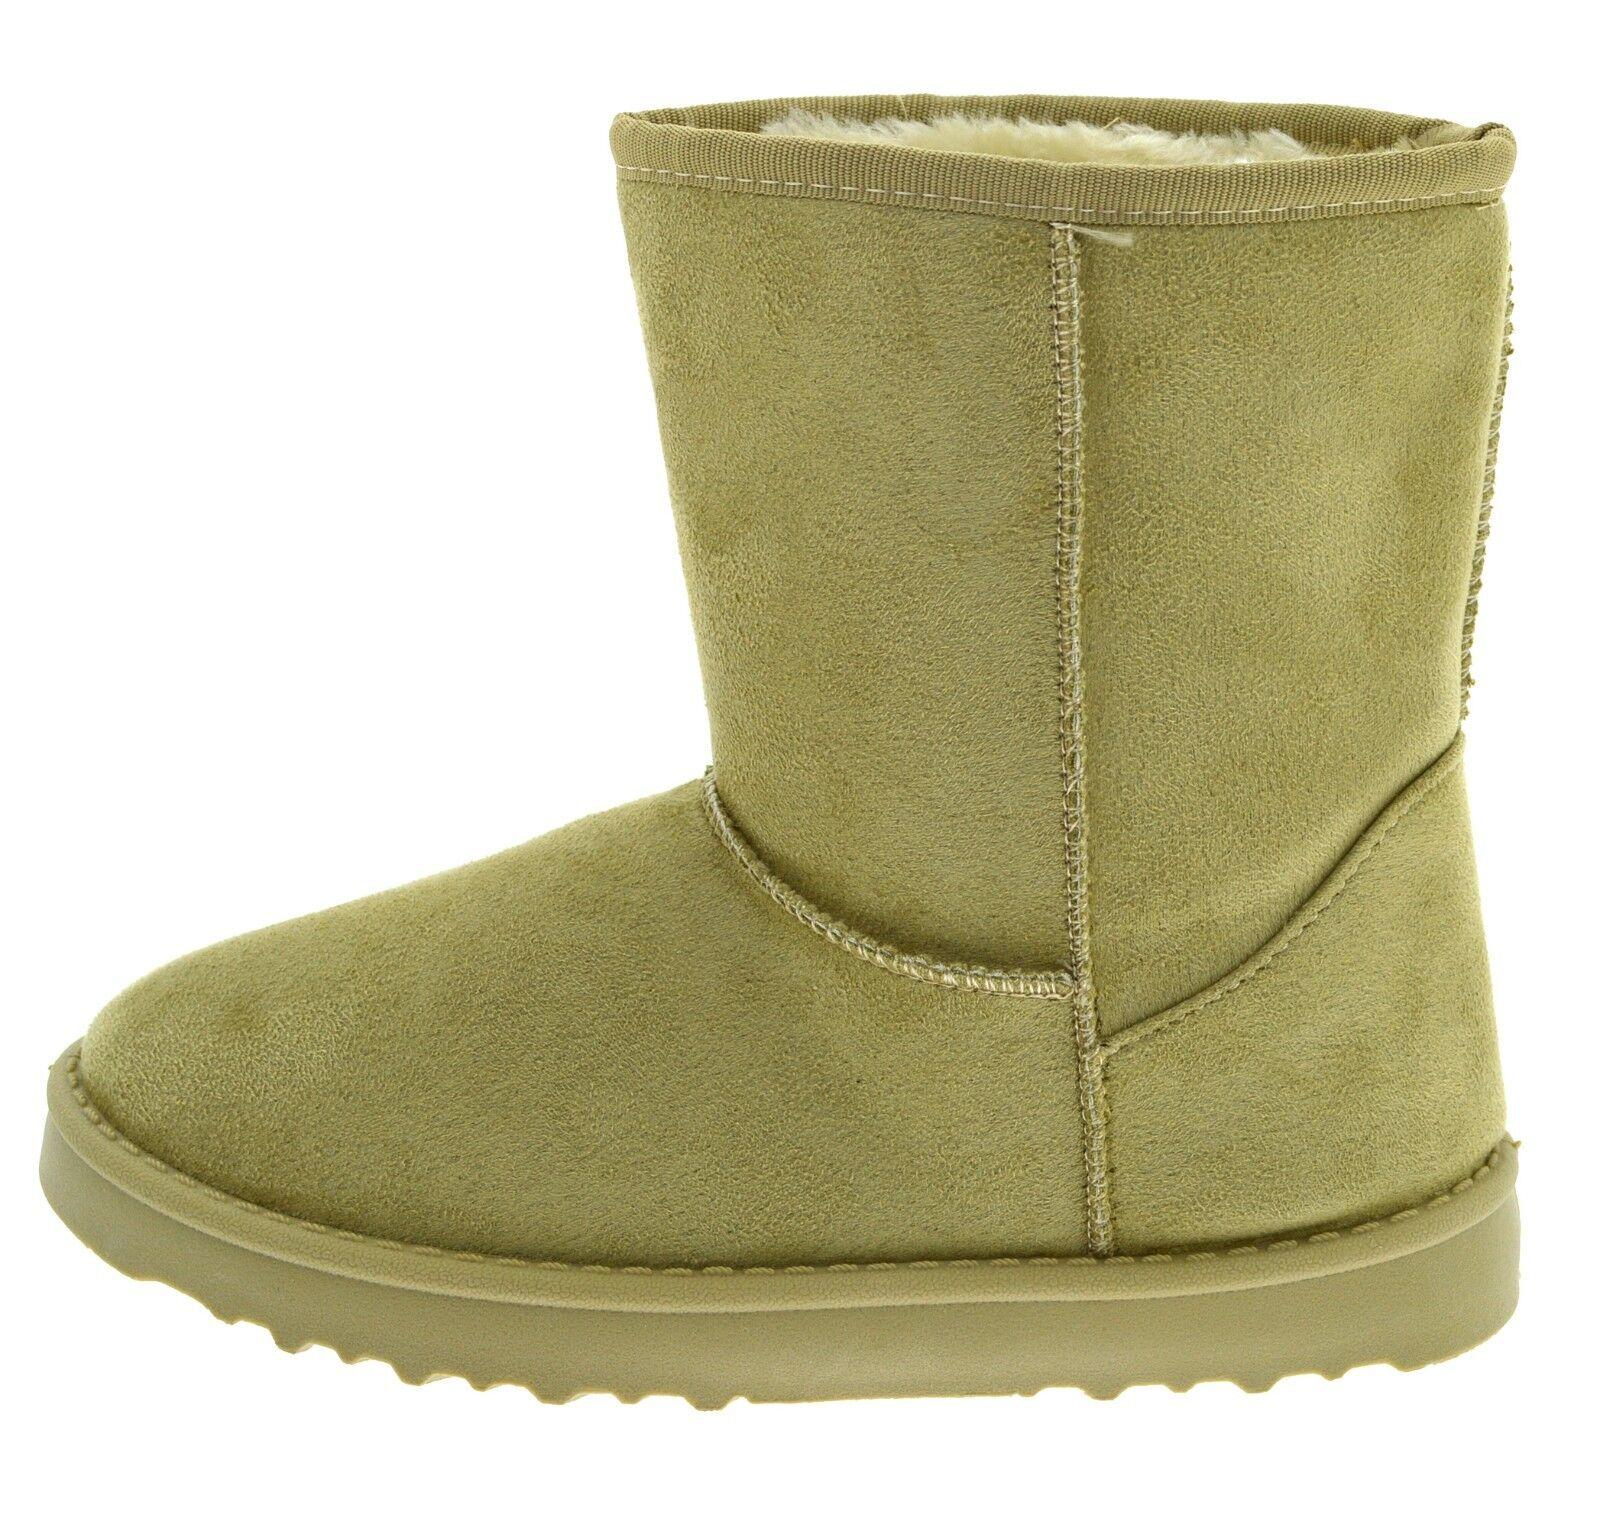 Stivaletti donna caldi imbottiti scarpe stivali da neve